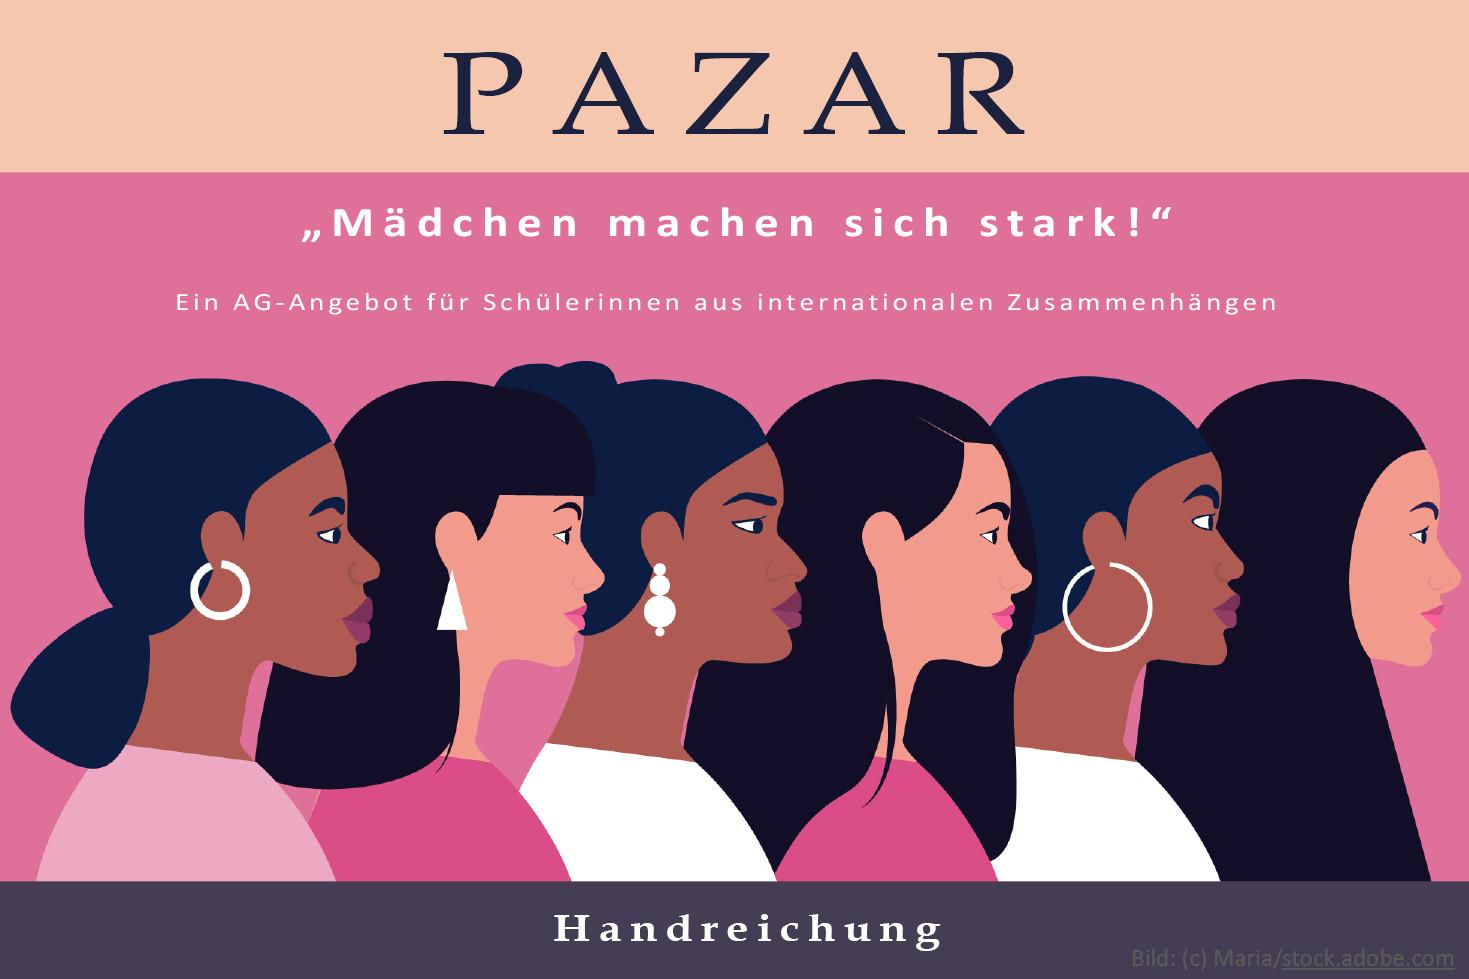 Titelbild PAZAR - Mädchen machen sich stark